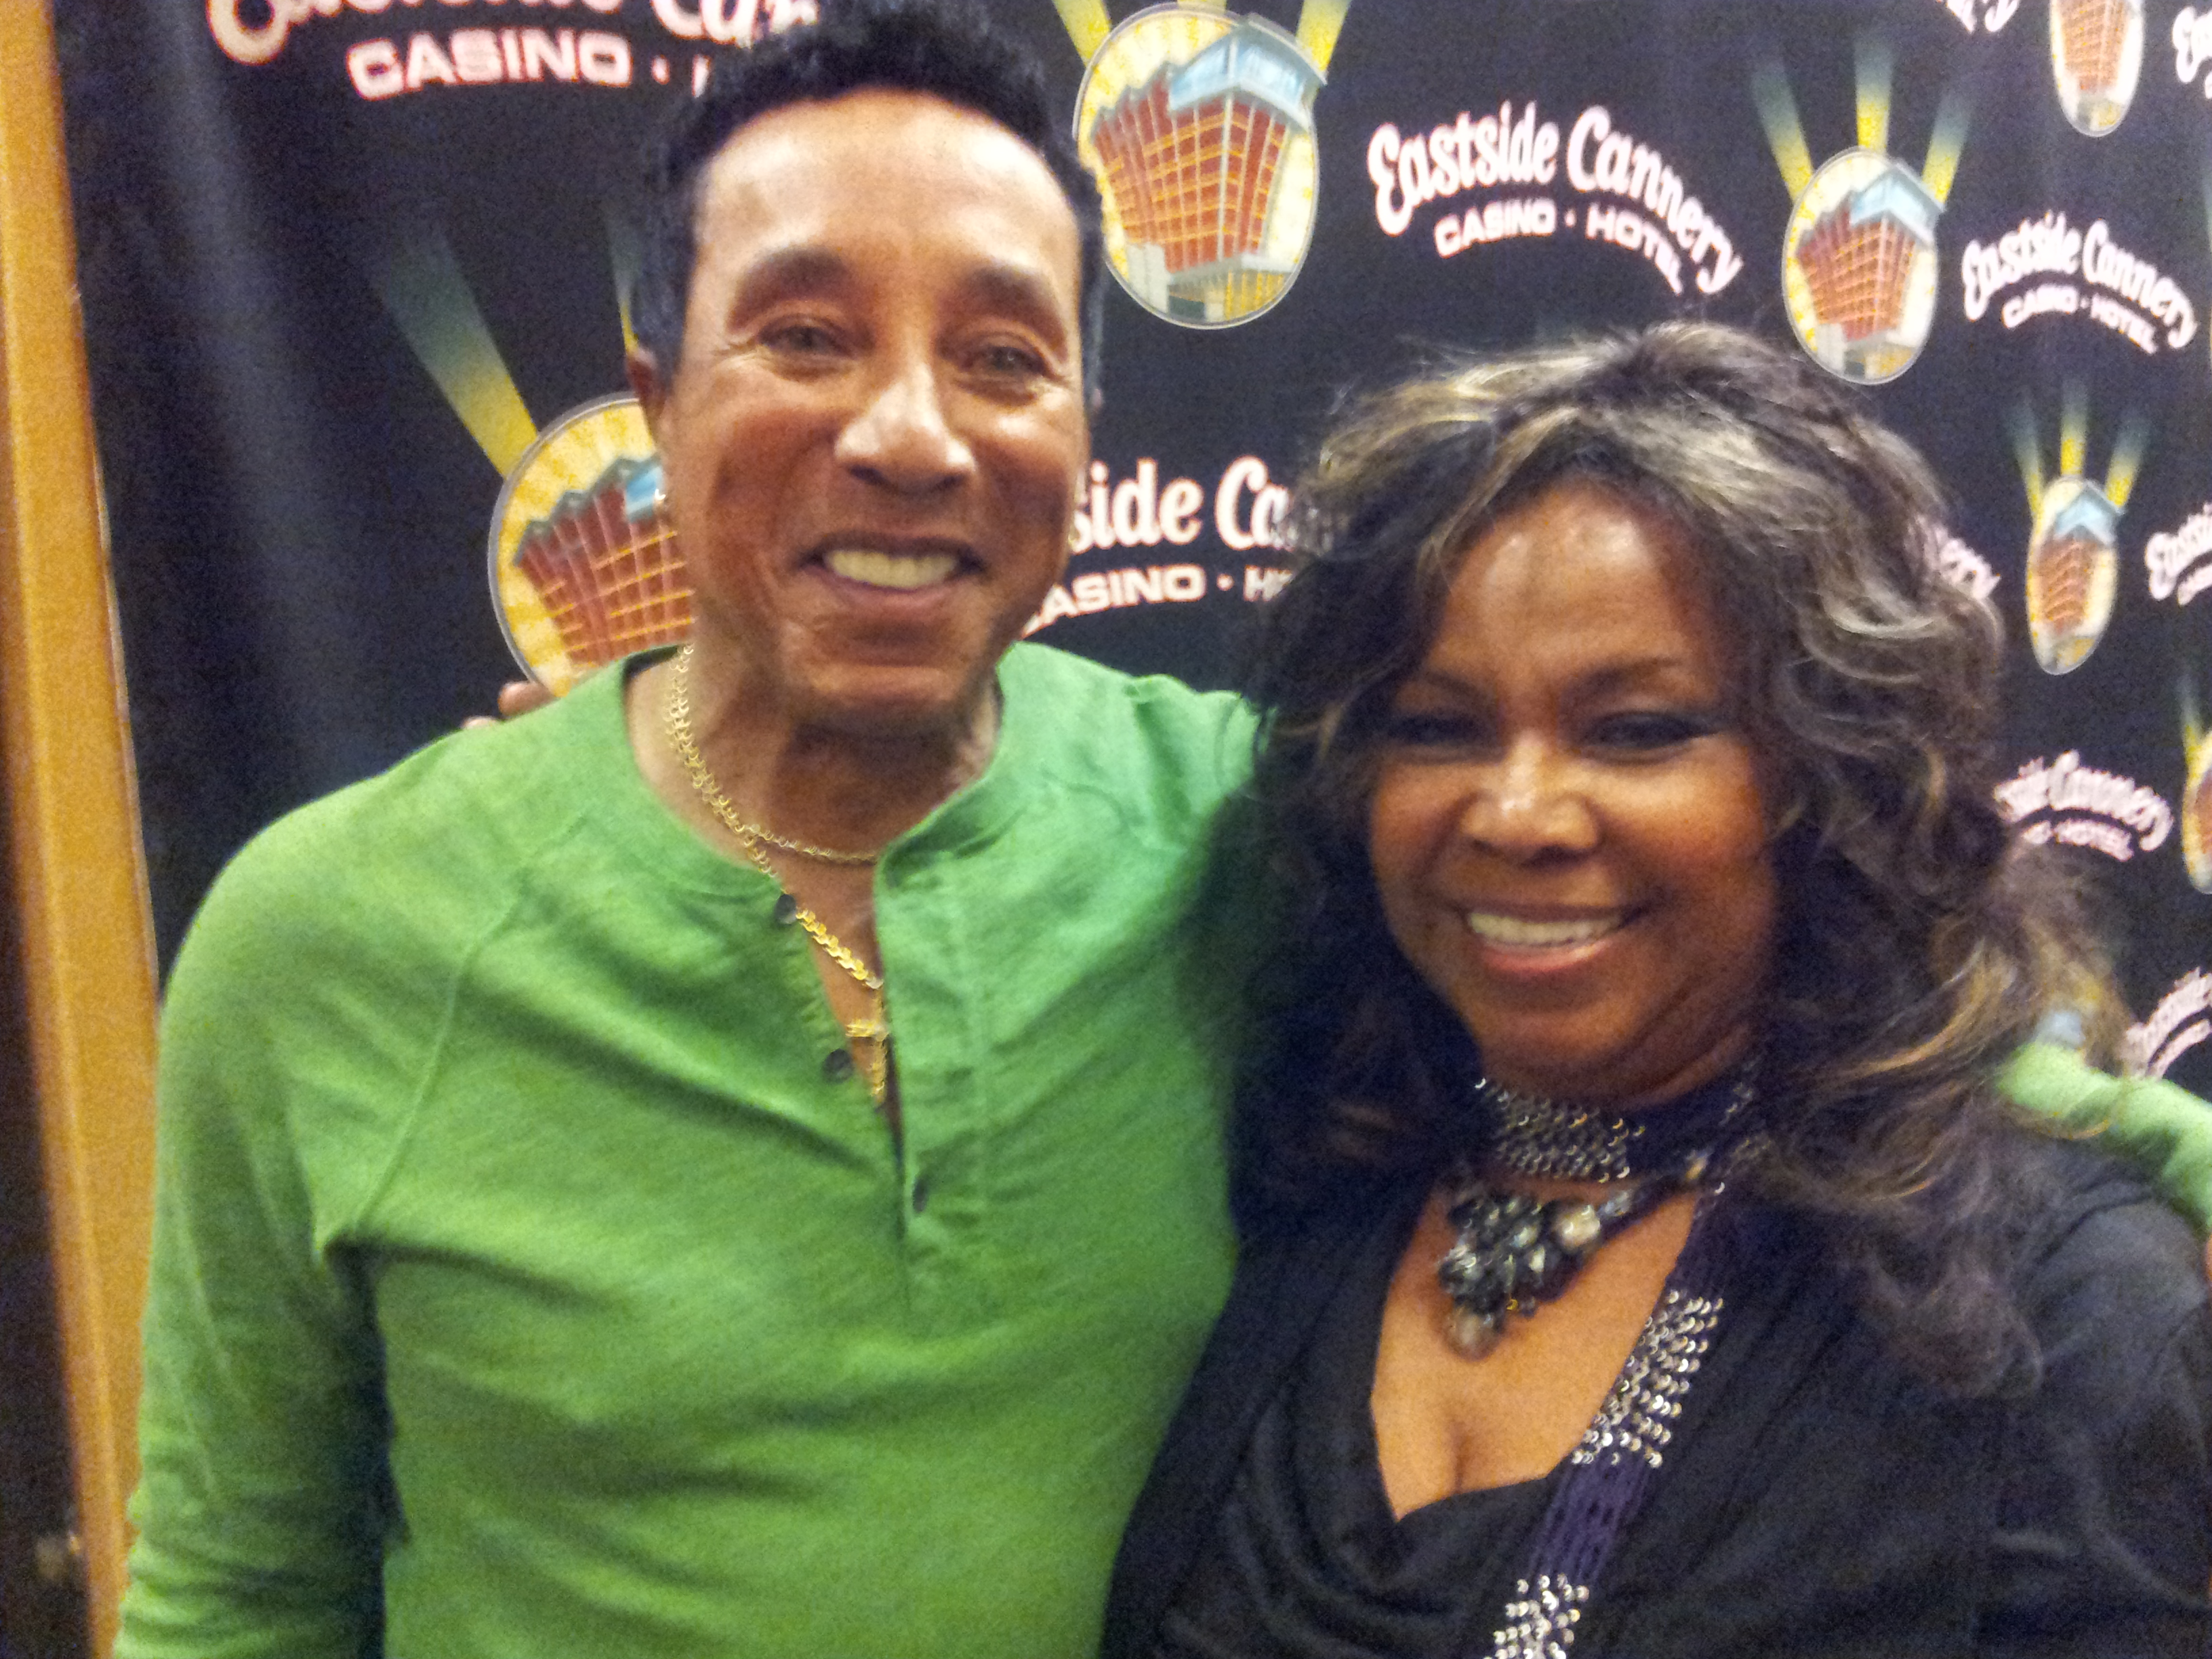 2 Kristy with Smokey Robinson